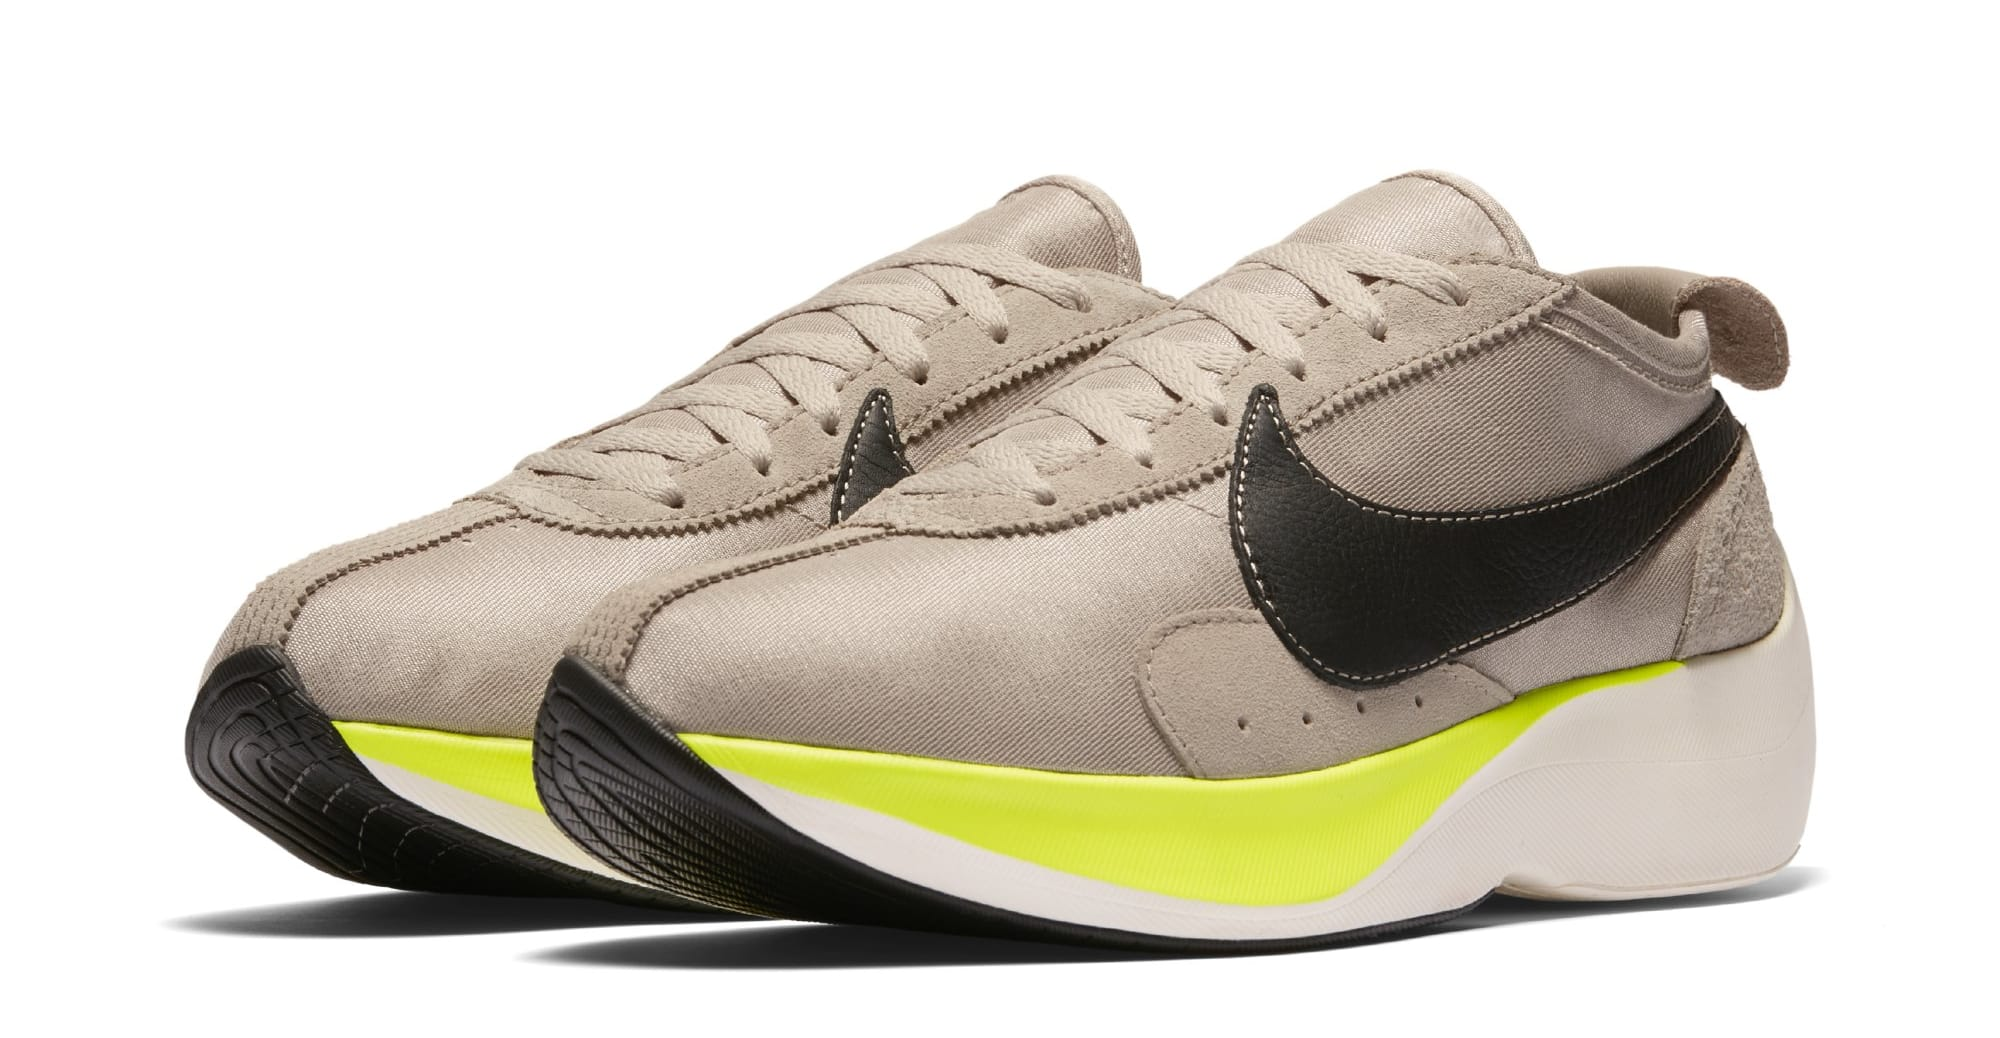 Nike Moon Racer 'Black/Sail/Volt' AQ4121-200 (Pair)